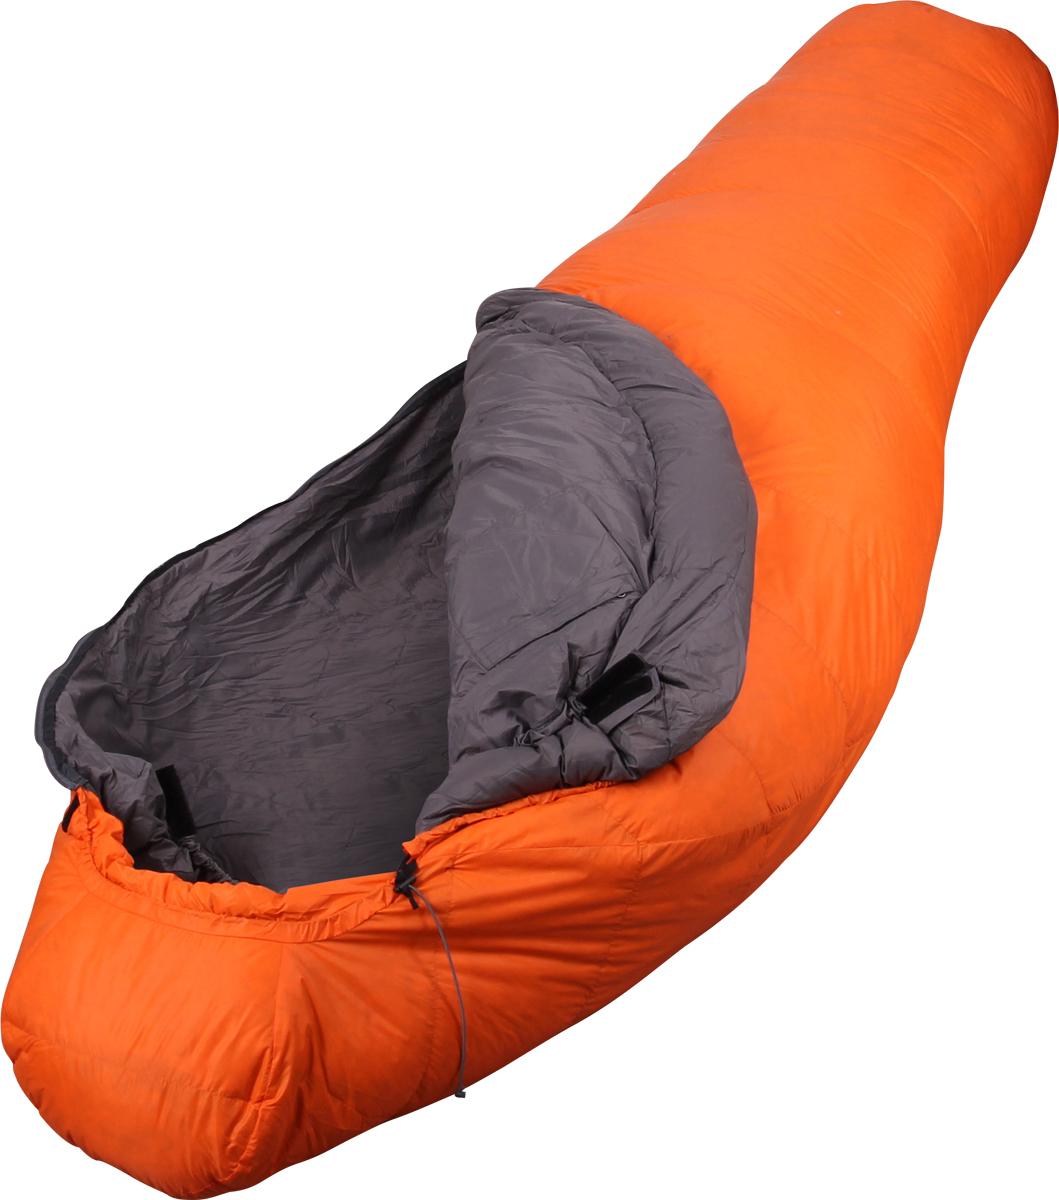 Мешаок спальный Сплав Adventure Permafrost, левосторонняя молния, цвет: оранжевый, 220 x 85 x 55 см4503576Сплав Adventure Permafrost - легкий и теплый по своему температурному диапазону рассчитан на зиму и горные походы.Тип конструкции: кокон.Тёплые швы.Разъемная двухзамковая молния с объёмной внутренней планкой, утеплённой пухом.Регулировка лицевого отверстия капюшона шнуром.Анатомический тёплый шейный пакет.Регулировка шейного пакета шнуром.Увеличенная норма набивки секций в районе ступней.Внутренний карман на молнии.Петли для просушки.Петли для крепления внутреннего вкладыша.Компрессионный мешок в комплекте.Материалы:Ткань верха: 100% нейлон 20D, 35 г/м2, Ripstop, DWR.Подкладка: 100% нейлон 20D, 36 г/м2, DWR.Утеплитель: Высококачественный серый гусиный пух Каригуз с гидрофобной обработкой Nikwax FP 680.Температурный режим:Комфорт: -5… -11° С.Экстрим: -30° С.Габариты и вес:Размеры: 220 х 85 х 55 см (рост до 190 см).Полный вес: 1,20 кг.Размеры в упакованном виде: диаметр 22 х 40/30 см.Вес утеплителя: 711 г.Внимание! Длительное хранение в сжатом виде не рекомендуется. Упаковку в компрессионный мешок следует производить произвольно, сминая спальный мешок, а не аккуратно скатывая, так как при этом минимально деформируется утеплитель.